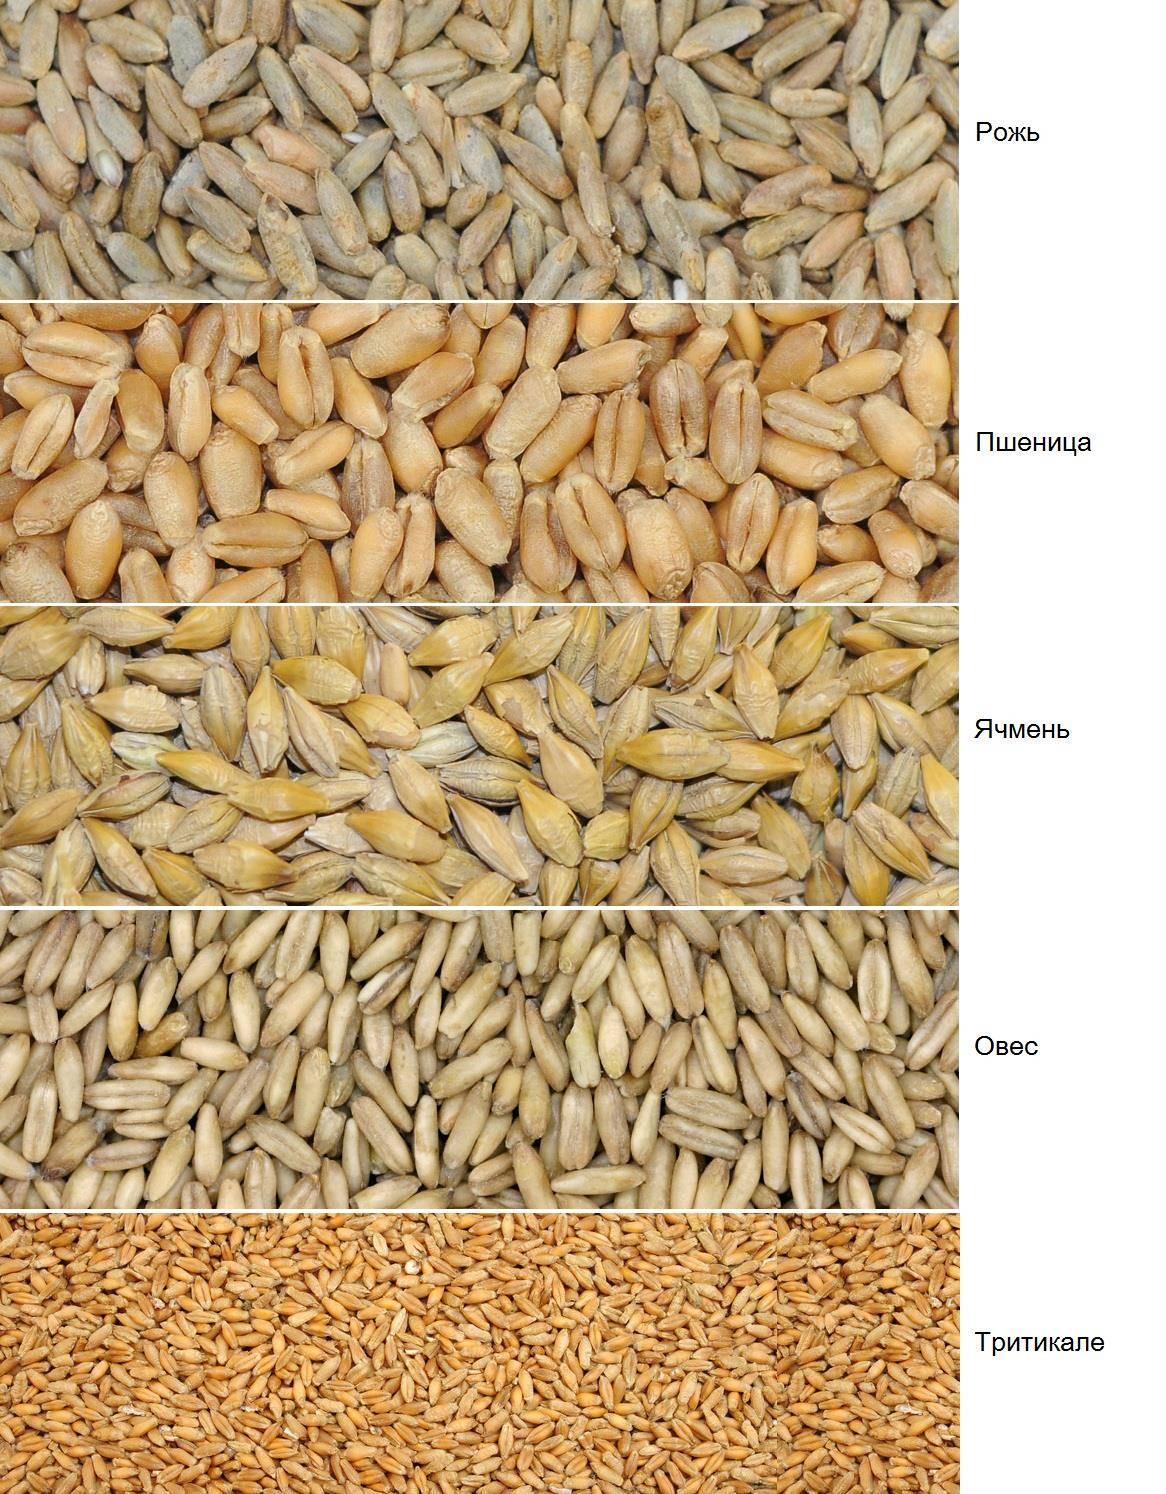 красивые пожелания рожь и пшеница фото различия решили использовать